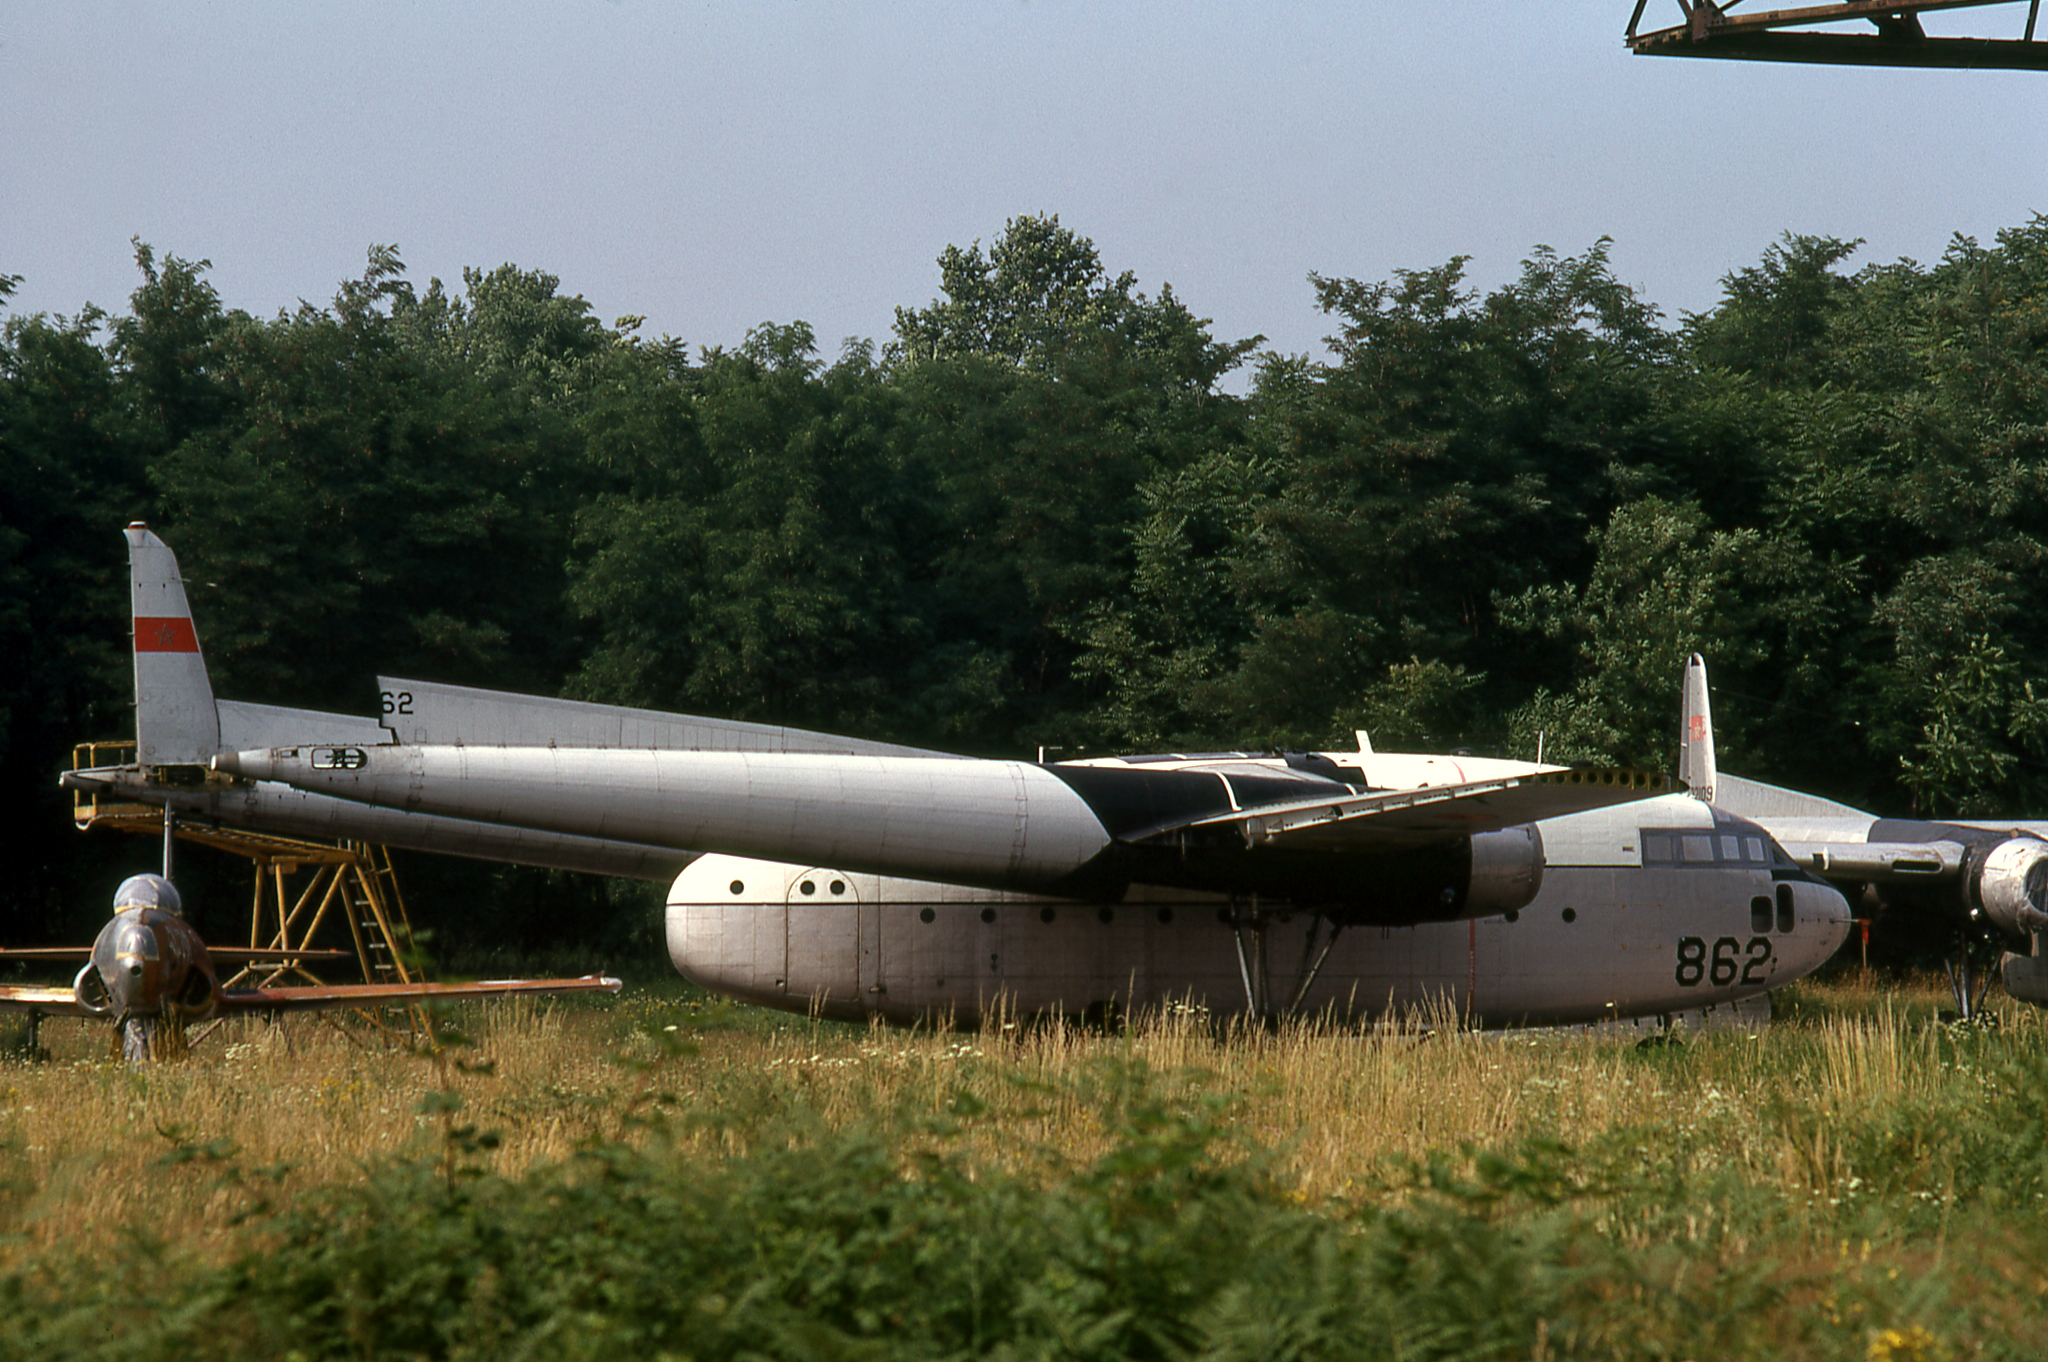 FRA: Photos anciens avions des FRA - Page 12 47271116552_8256f27cb9_o